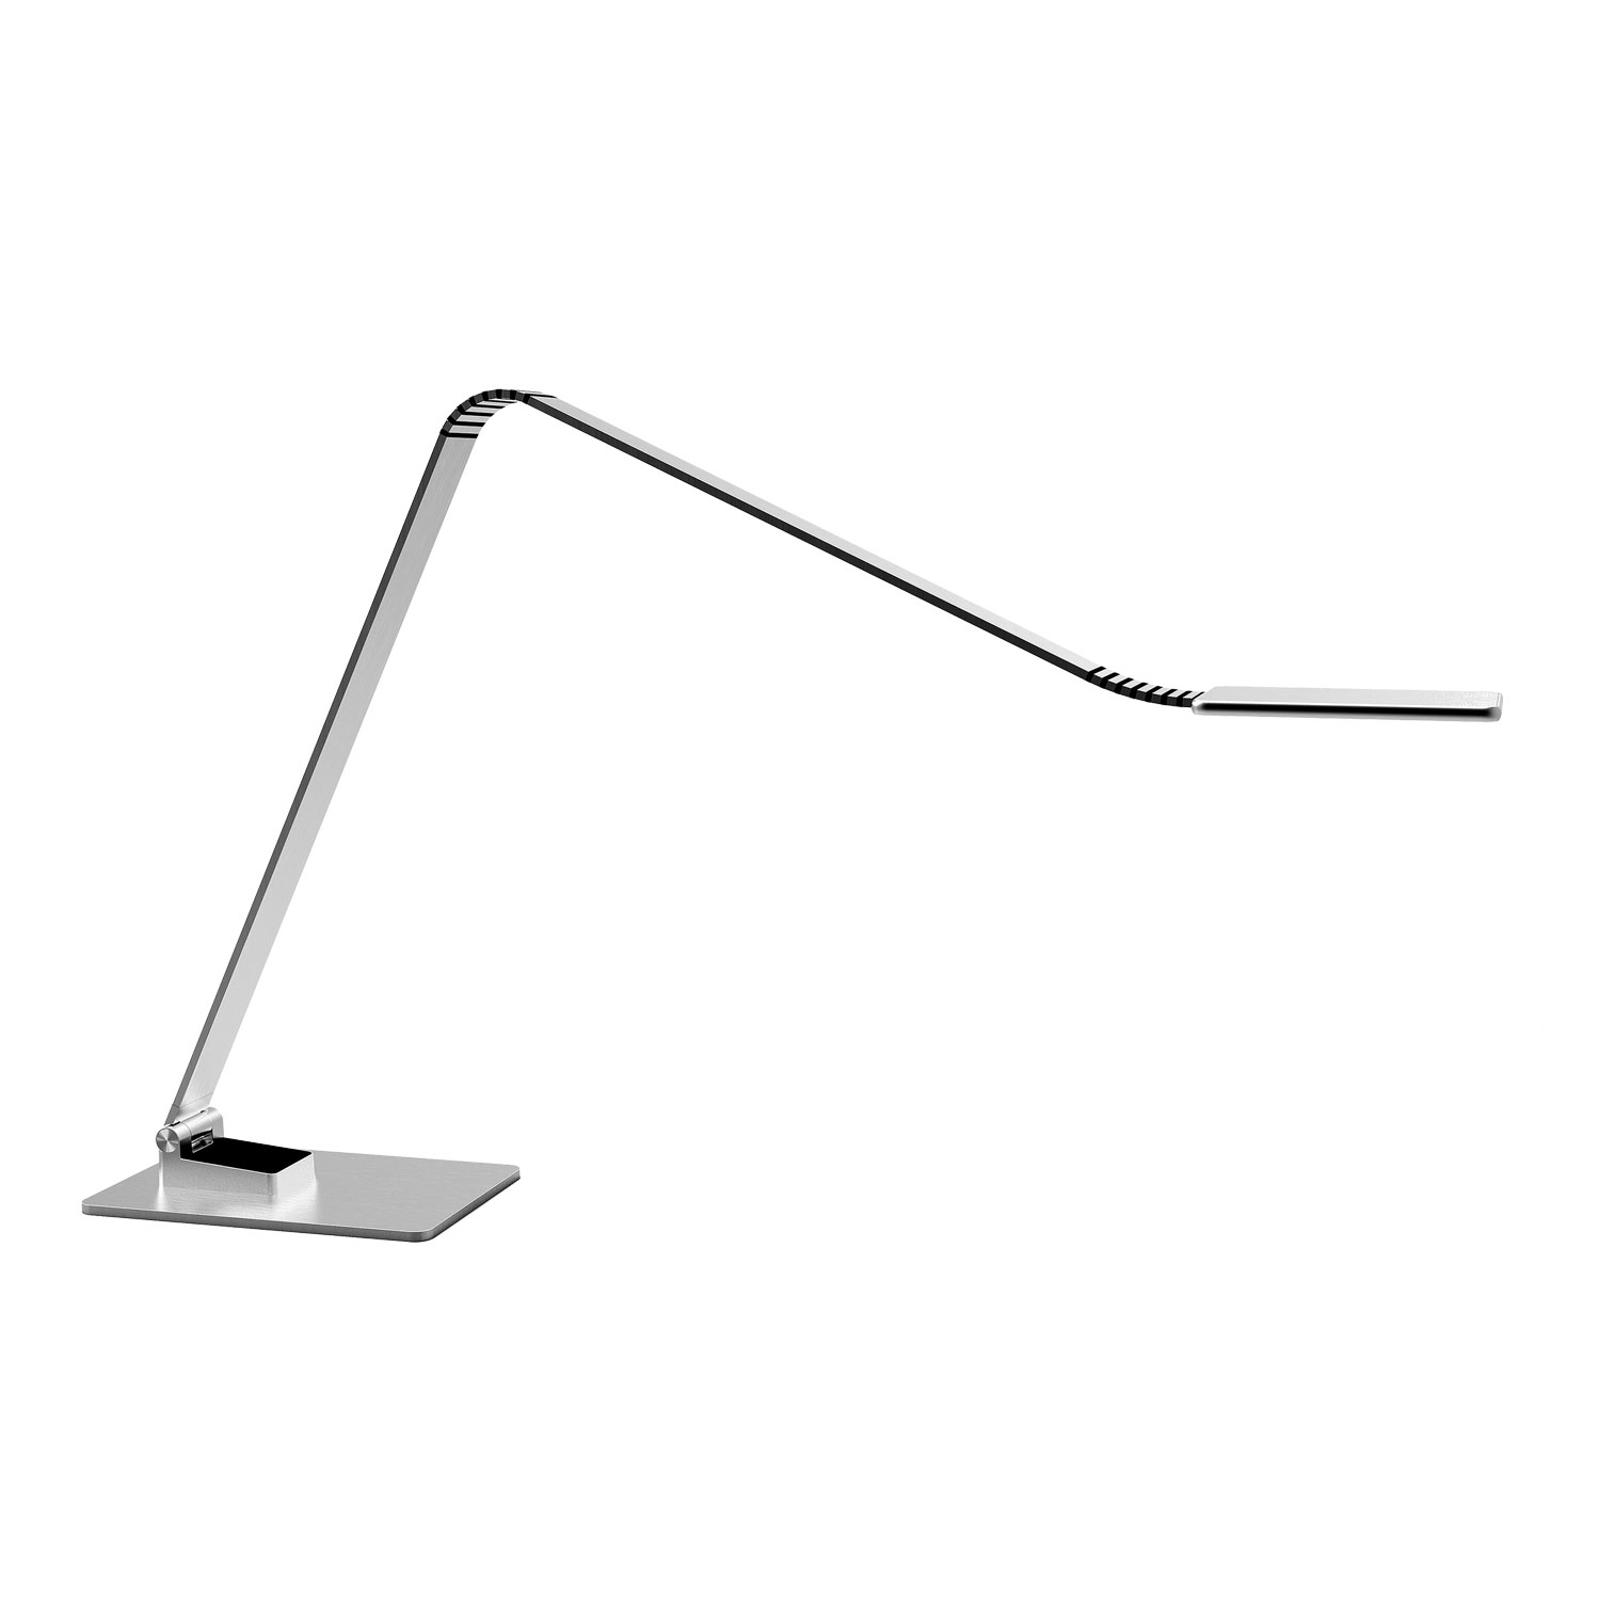 TRAE Muse 2 lampe de bureau LED, 4000K aluminium